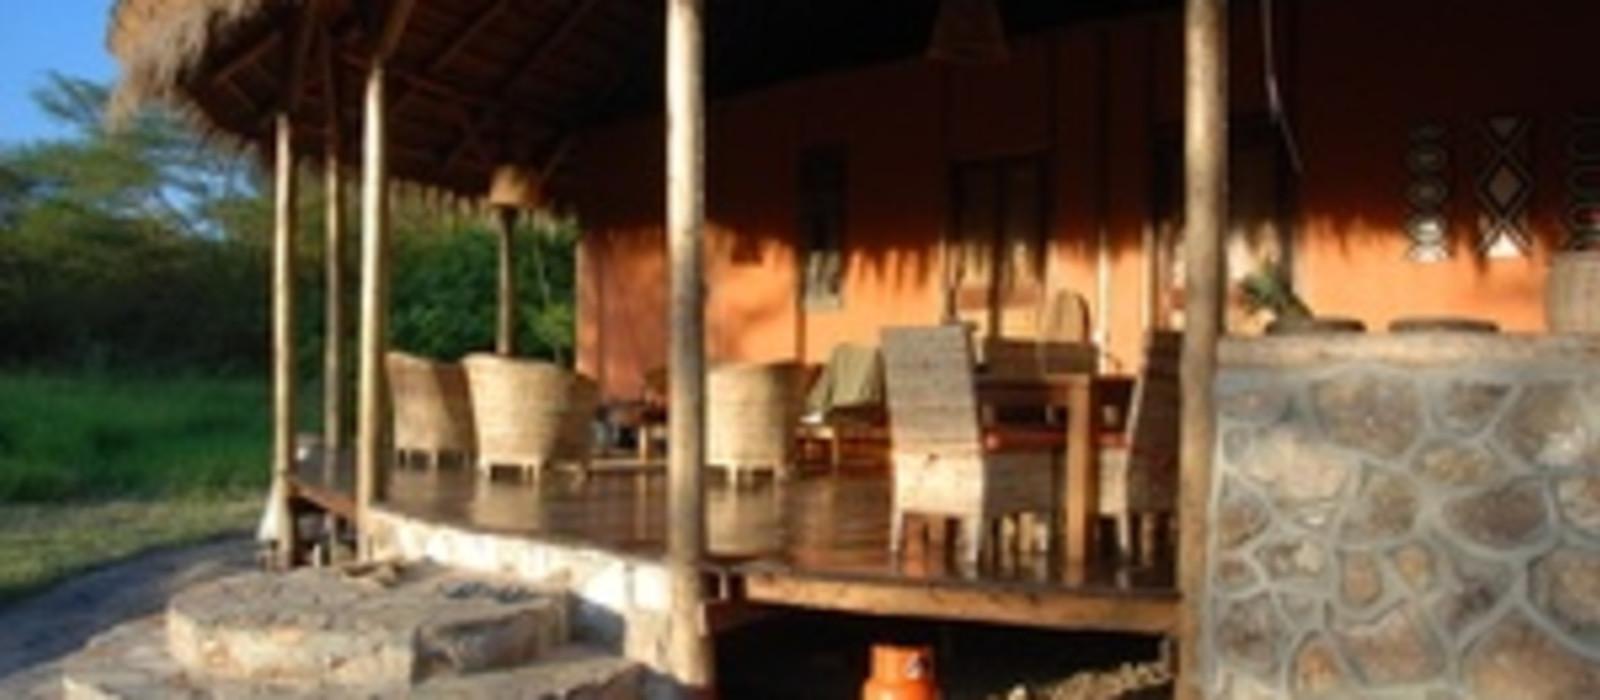 Hotel Queen Elizabeth Bush Lodge Uganda